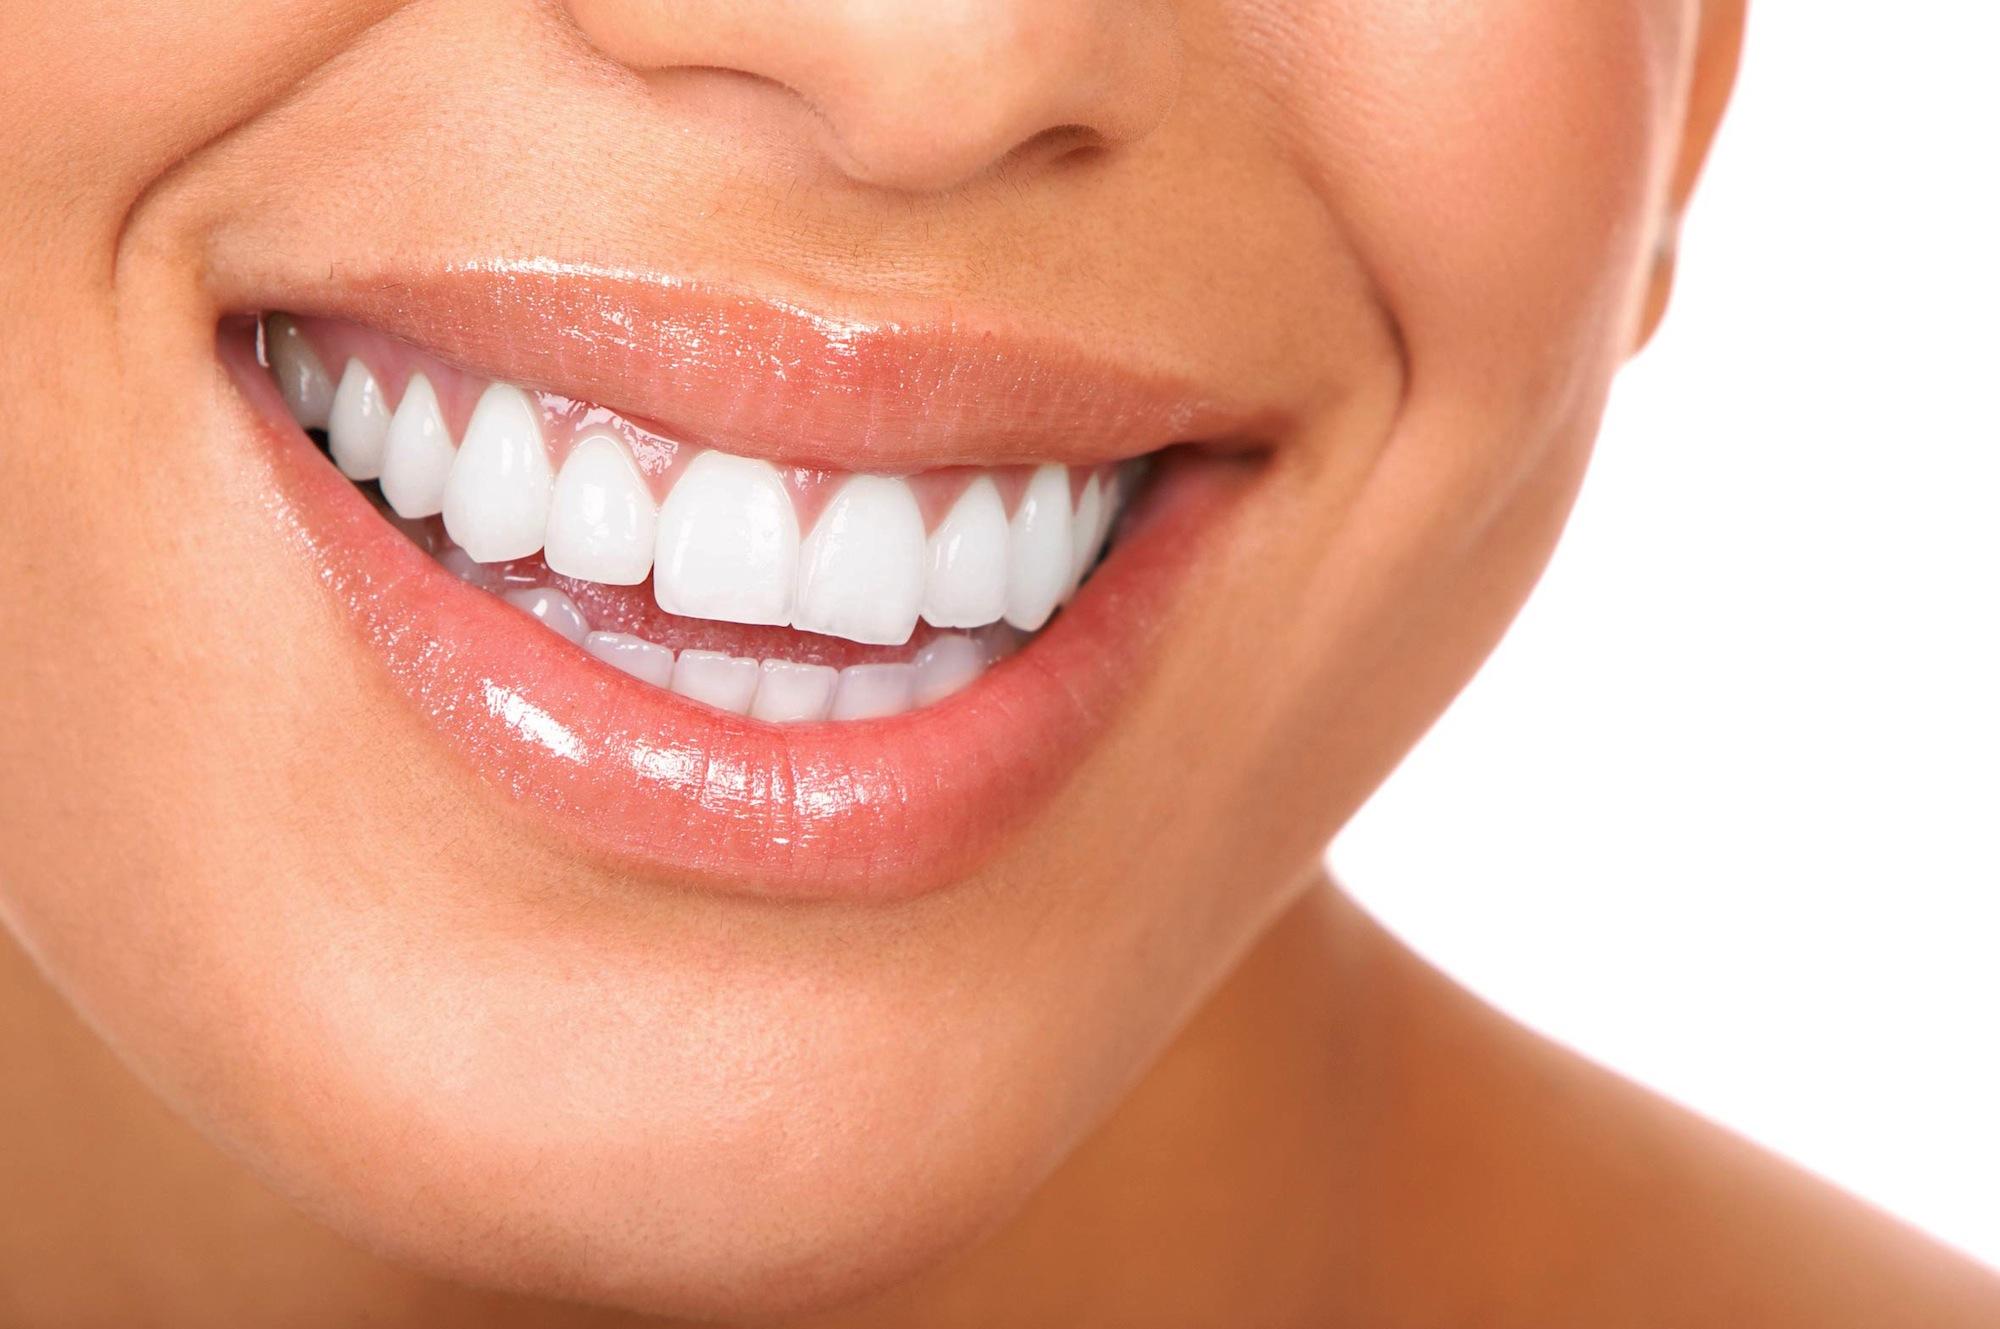 Un effet gloss sur les lèvres grâce à un nouvel acide hyaluronique, Volbella